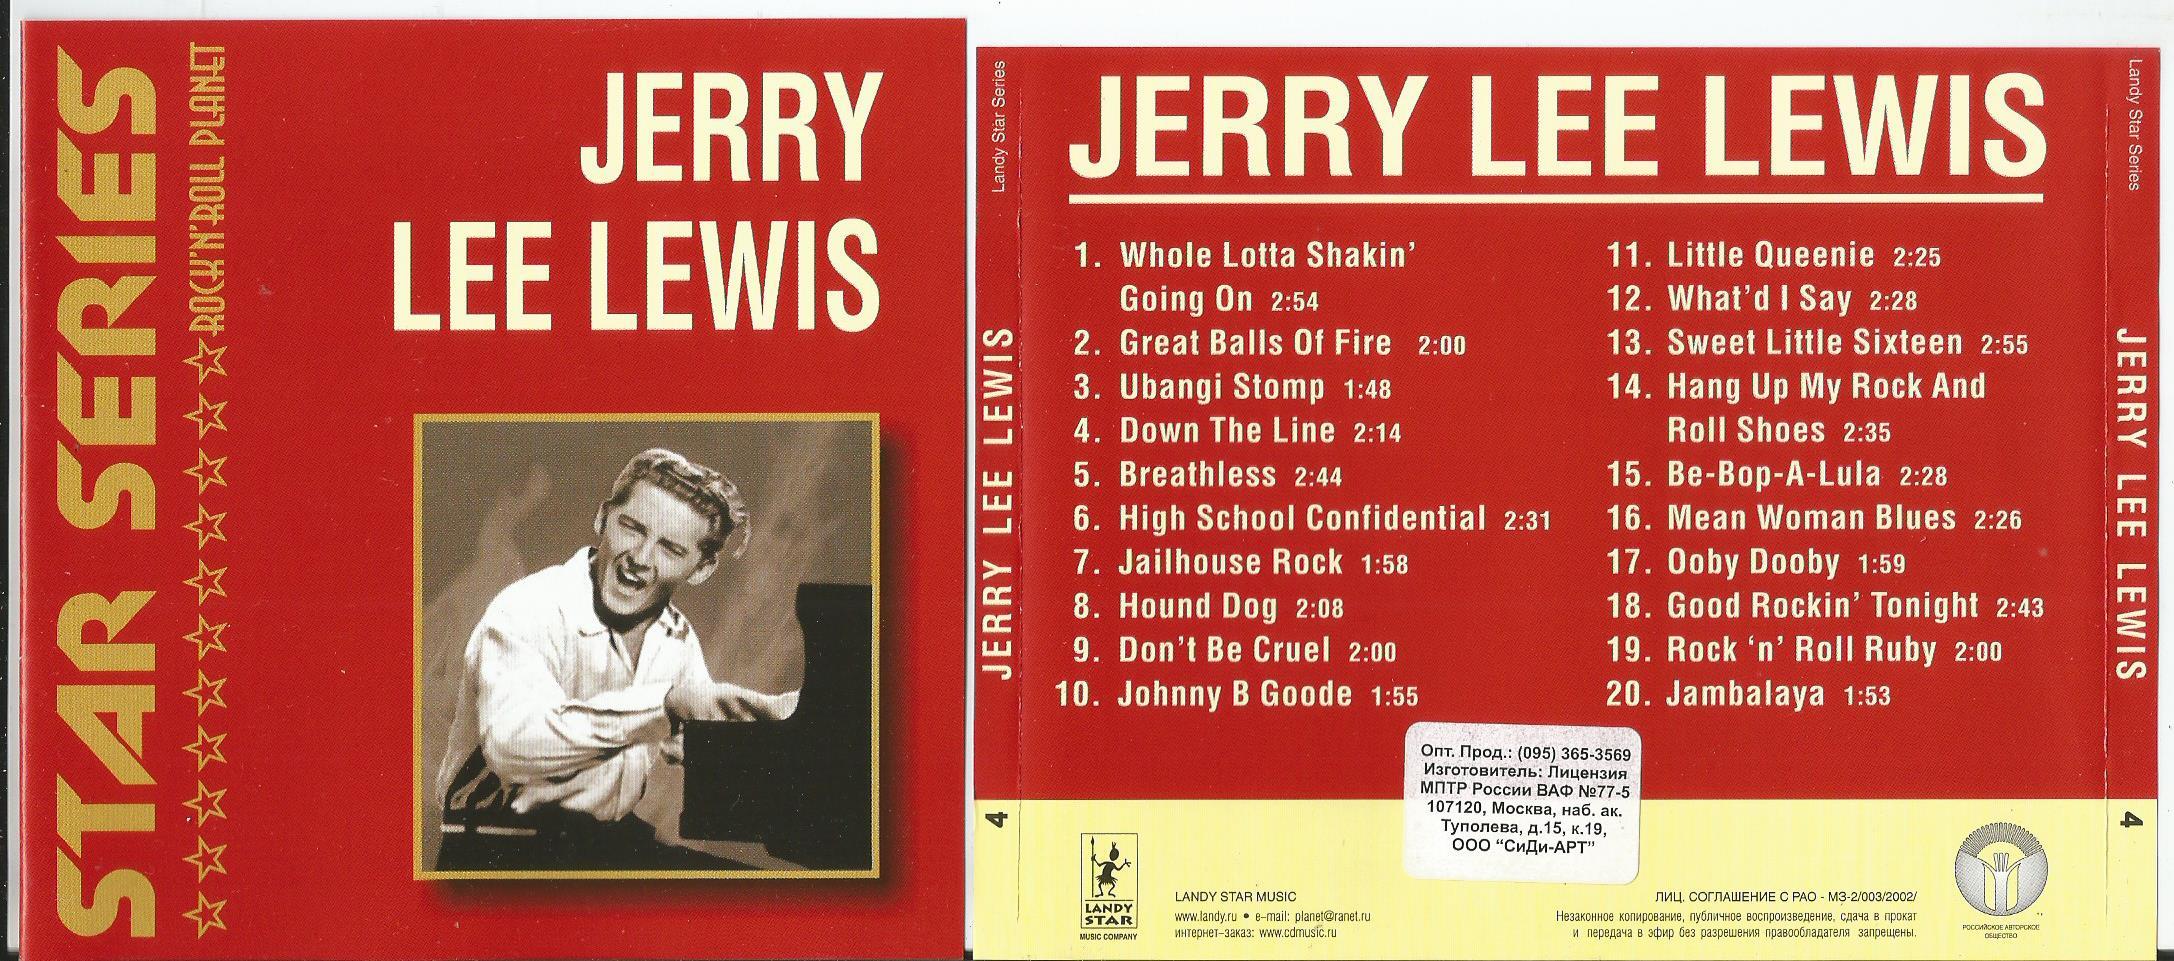 Jerry lee lewis gay